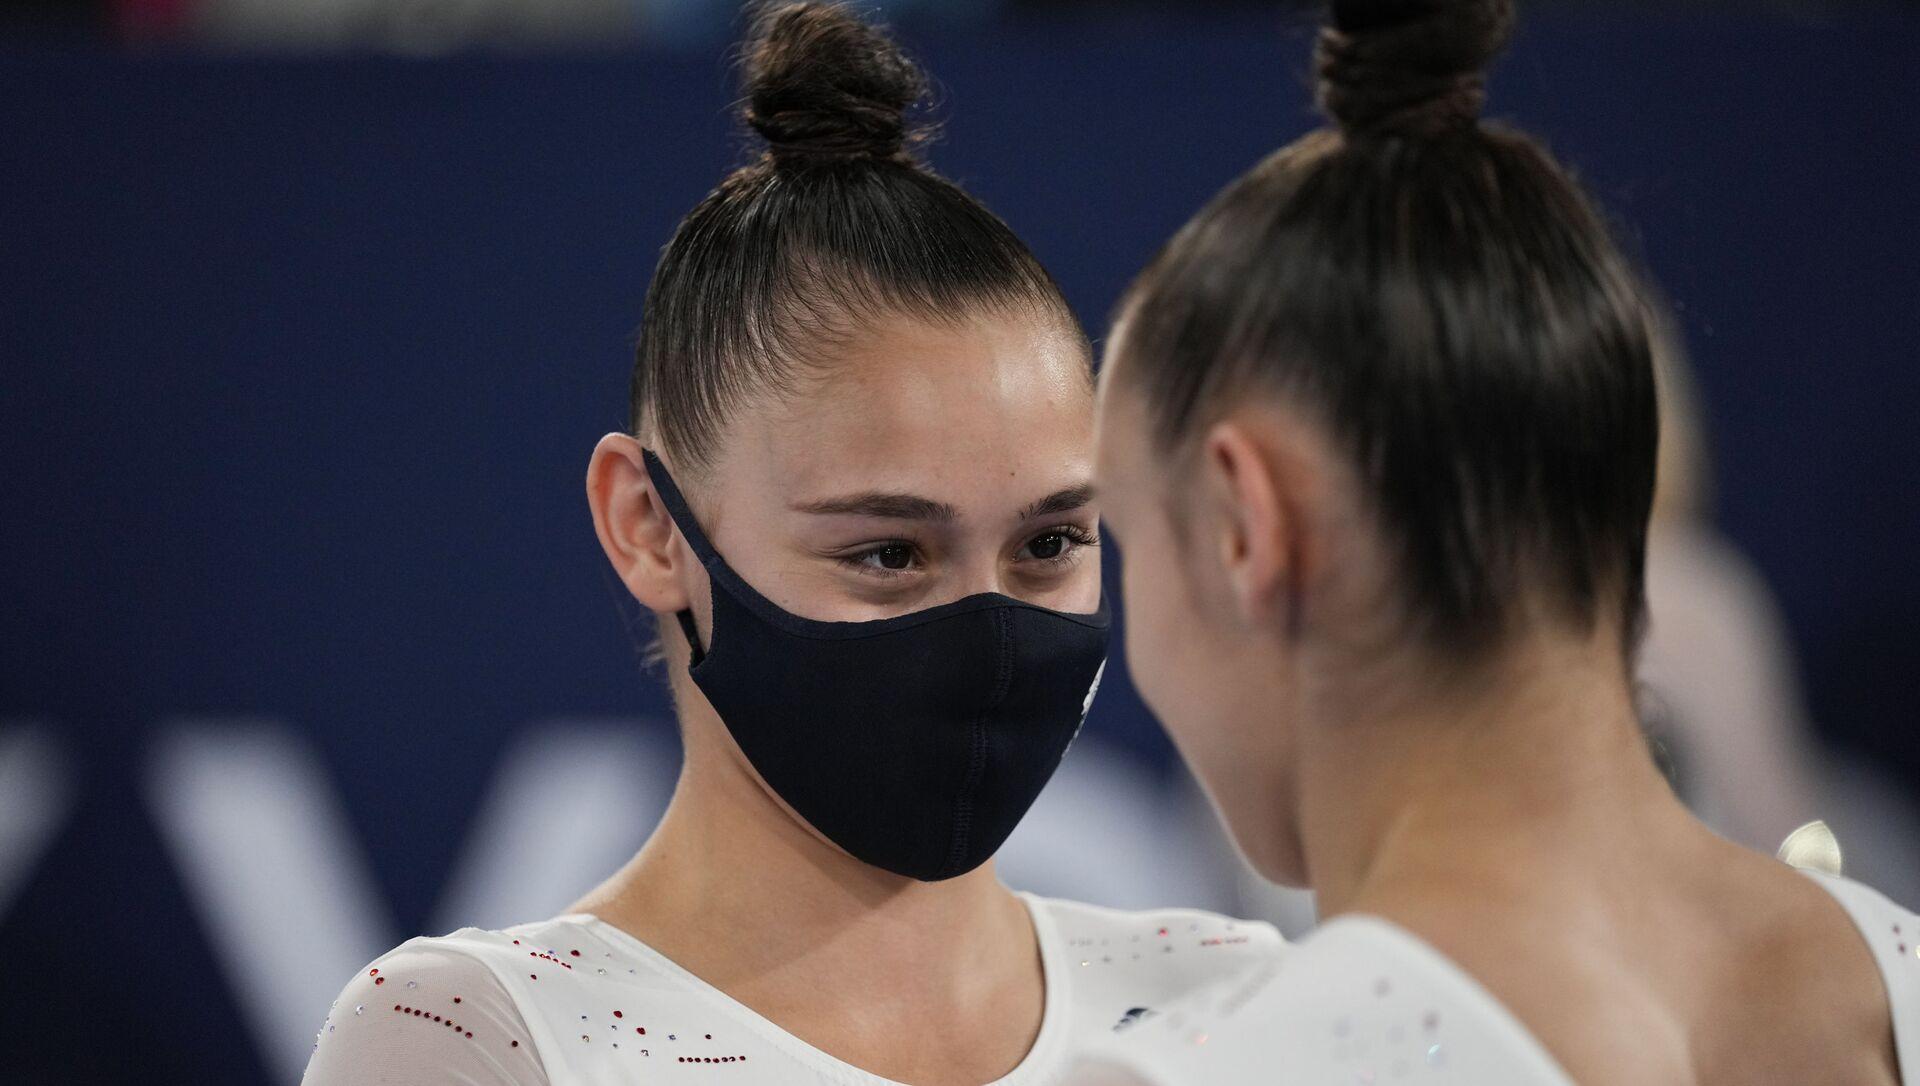 Сестры-близнецы Джессика и Дженифер Гадировы  - Sputnik Азербайджан, 1920, 17.08.2021